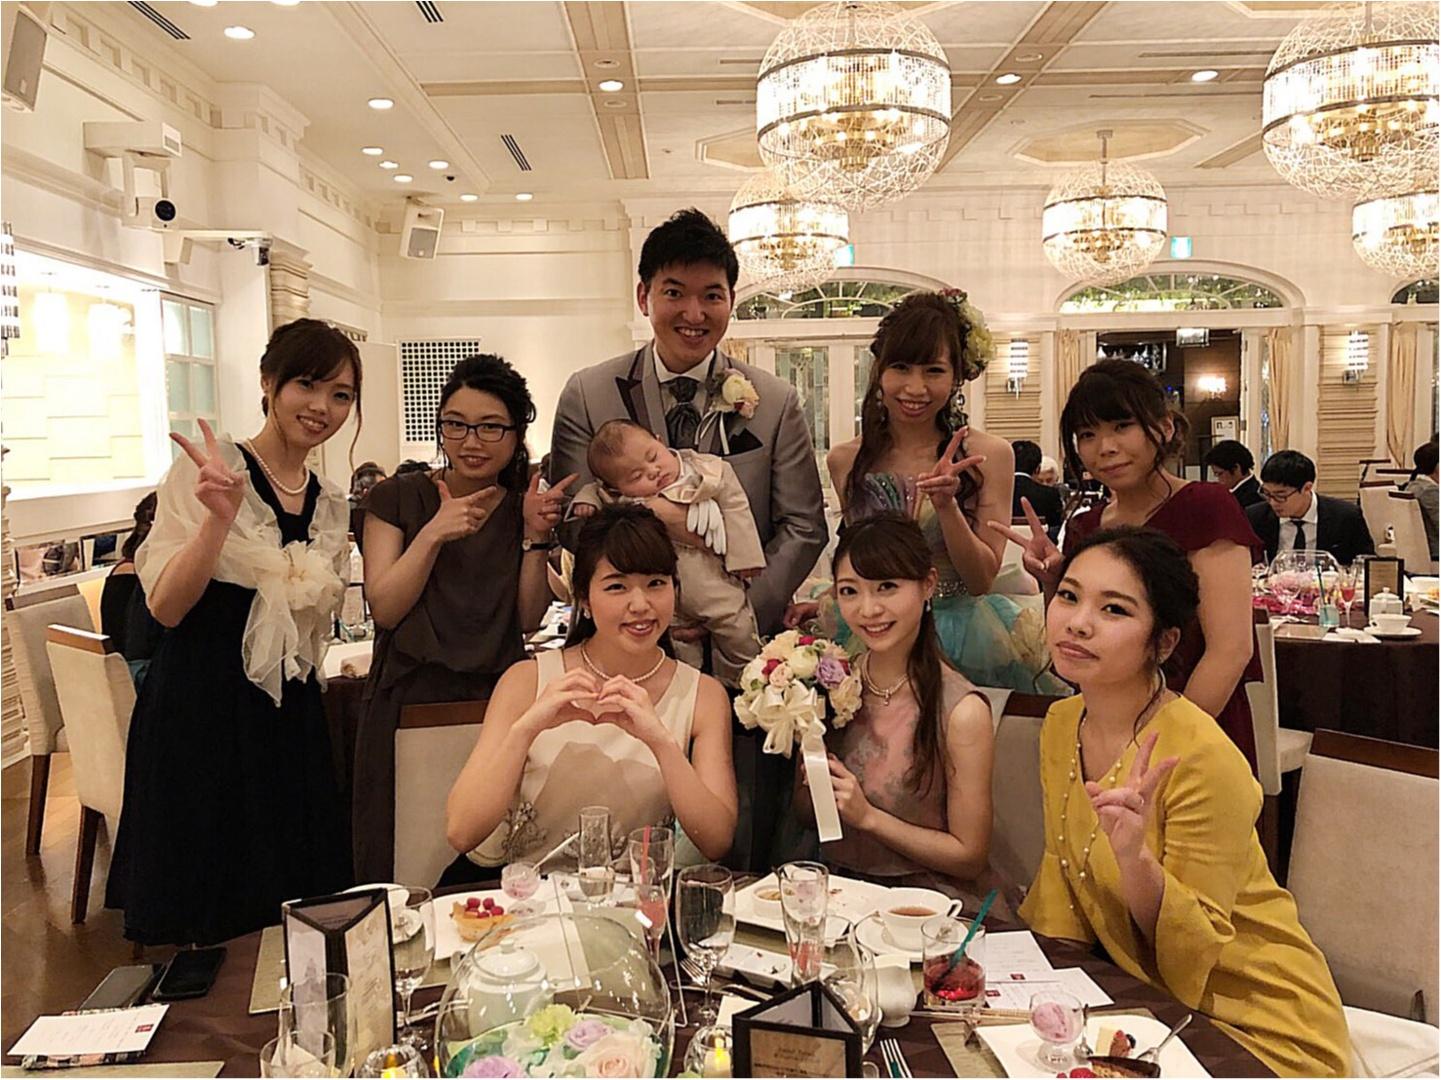 《Happy wedding》around25お呼ばれコーデは華やかにカラードレスにハーフアップで♡式に華を添えましょう!_10